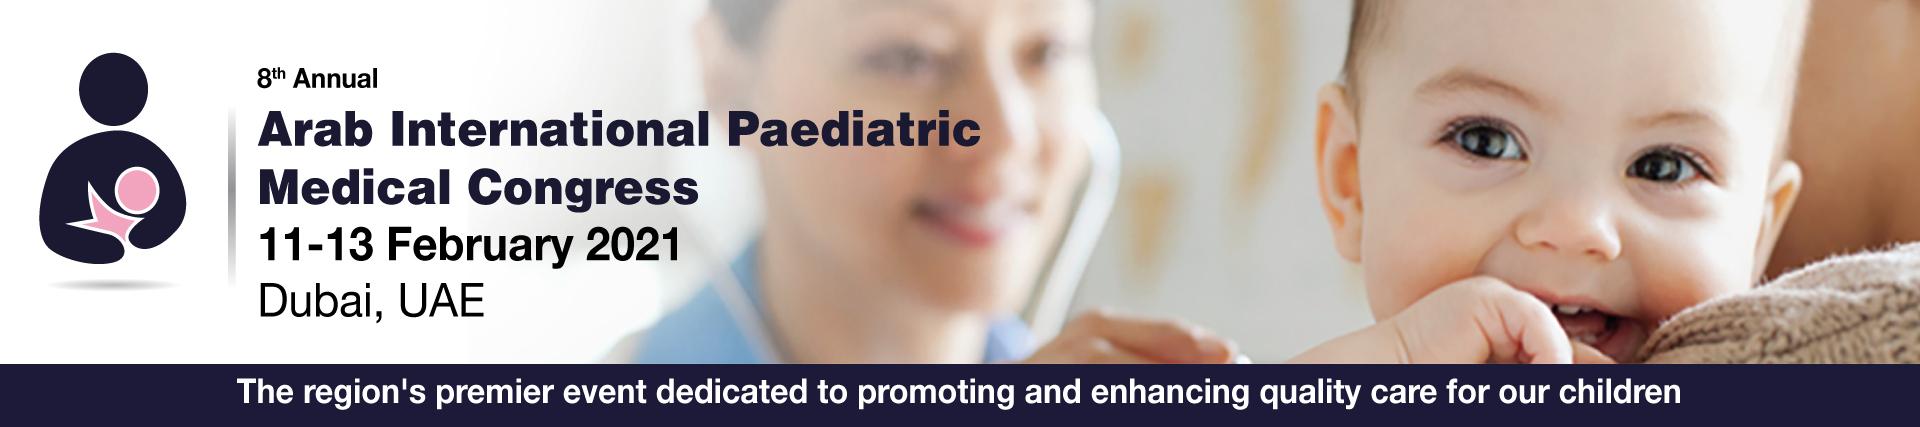 Arab-Paediatric-banner 2021